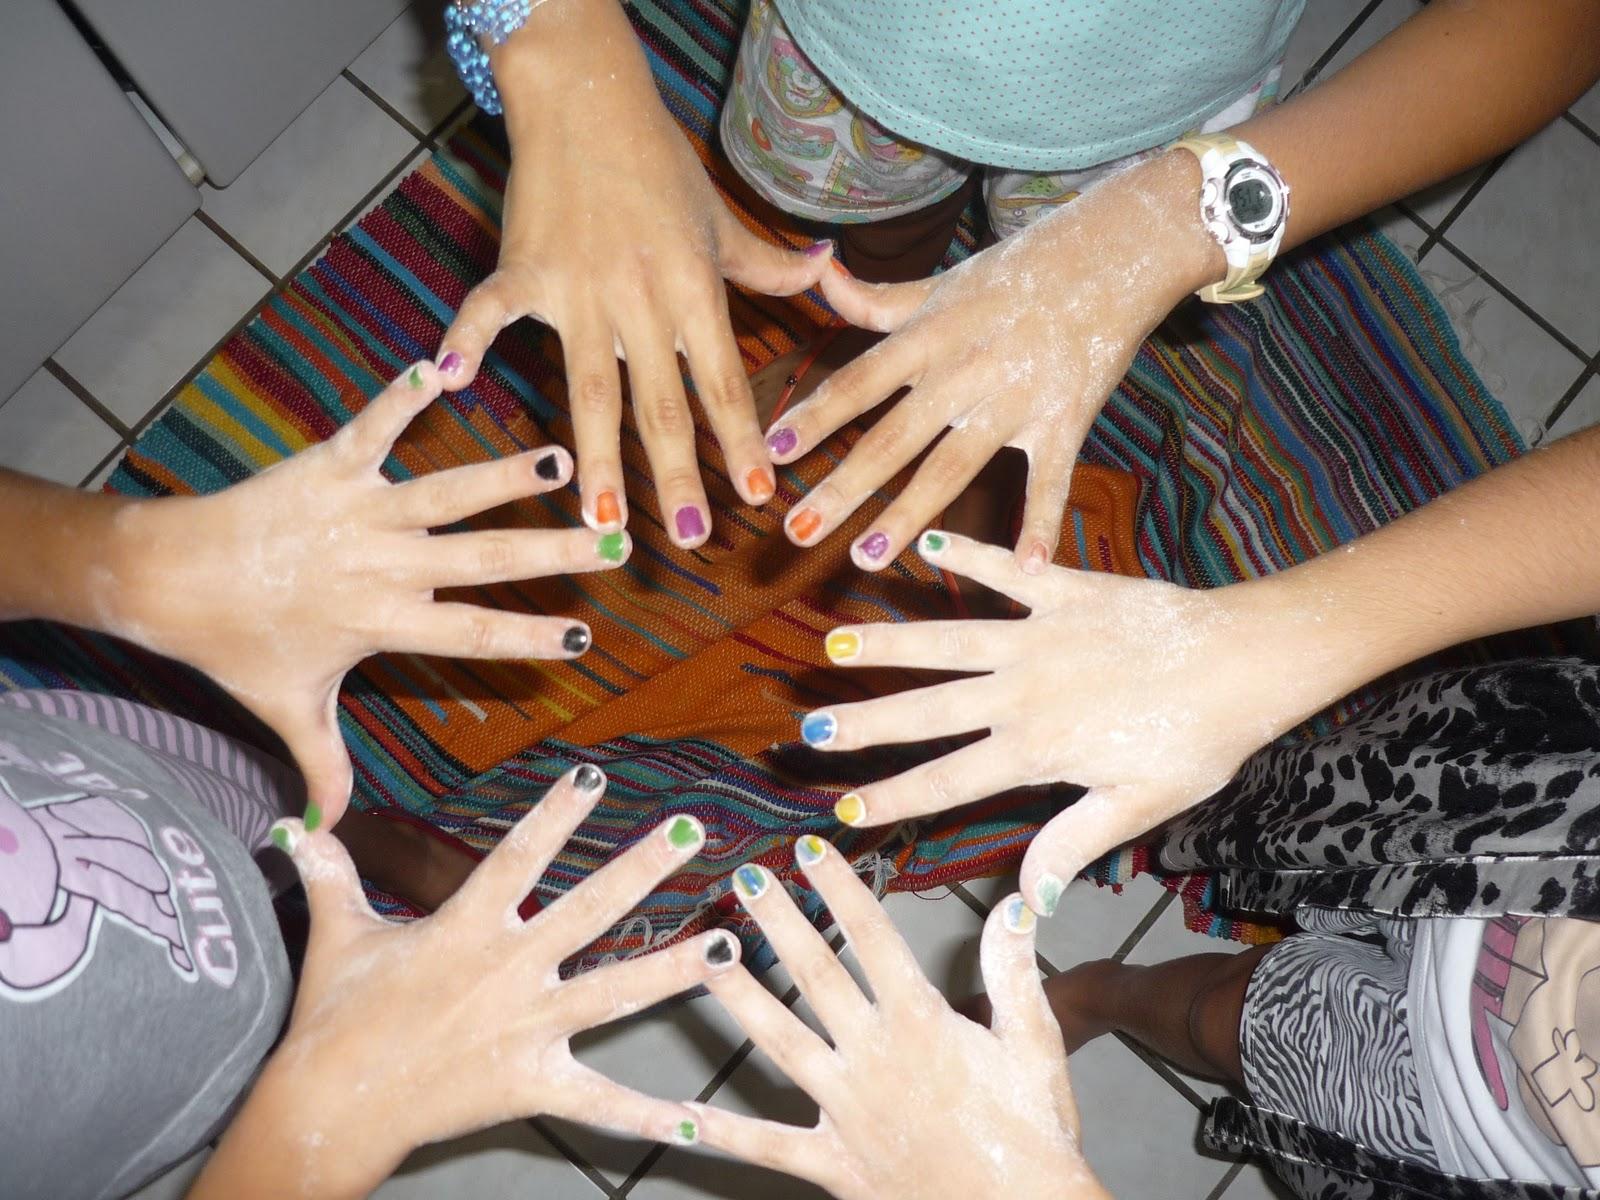 http://3.bp.blogspot.com/-QdKrliDPl90/TVoIHjUJP5I/AAAAAAAADIQ/mqdb3HV-INg/s1600/Festa+do+pijama+049.JPG